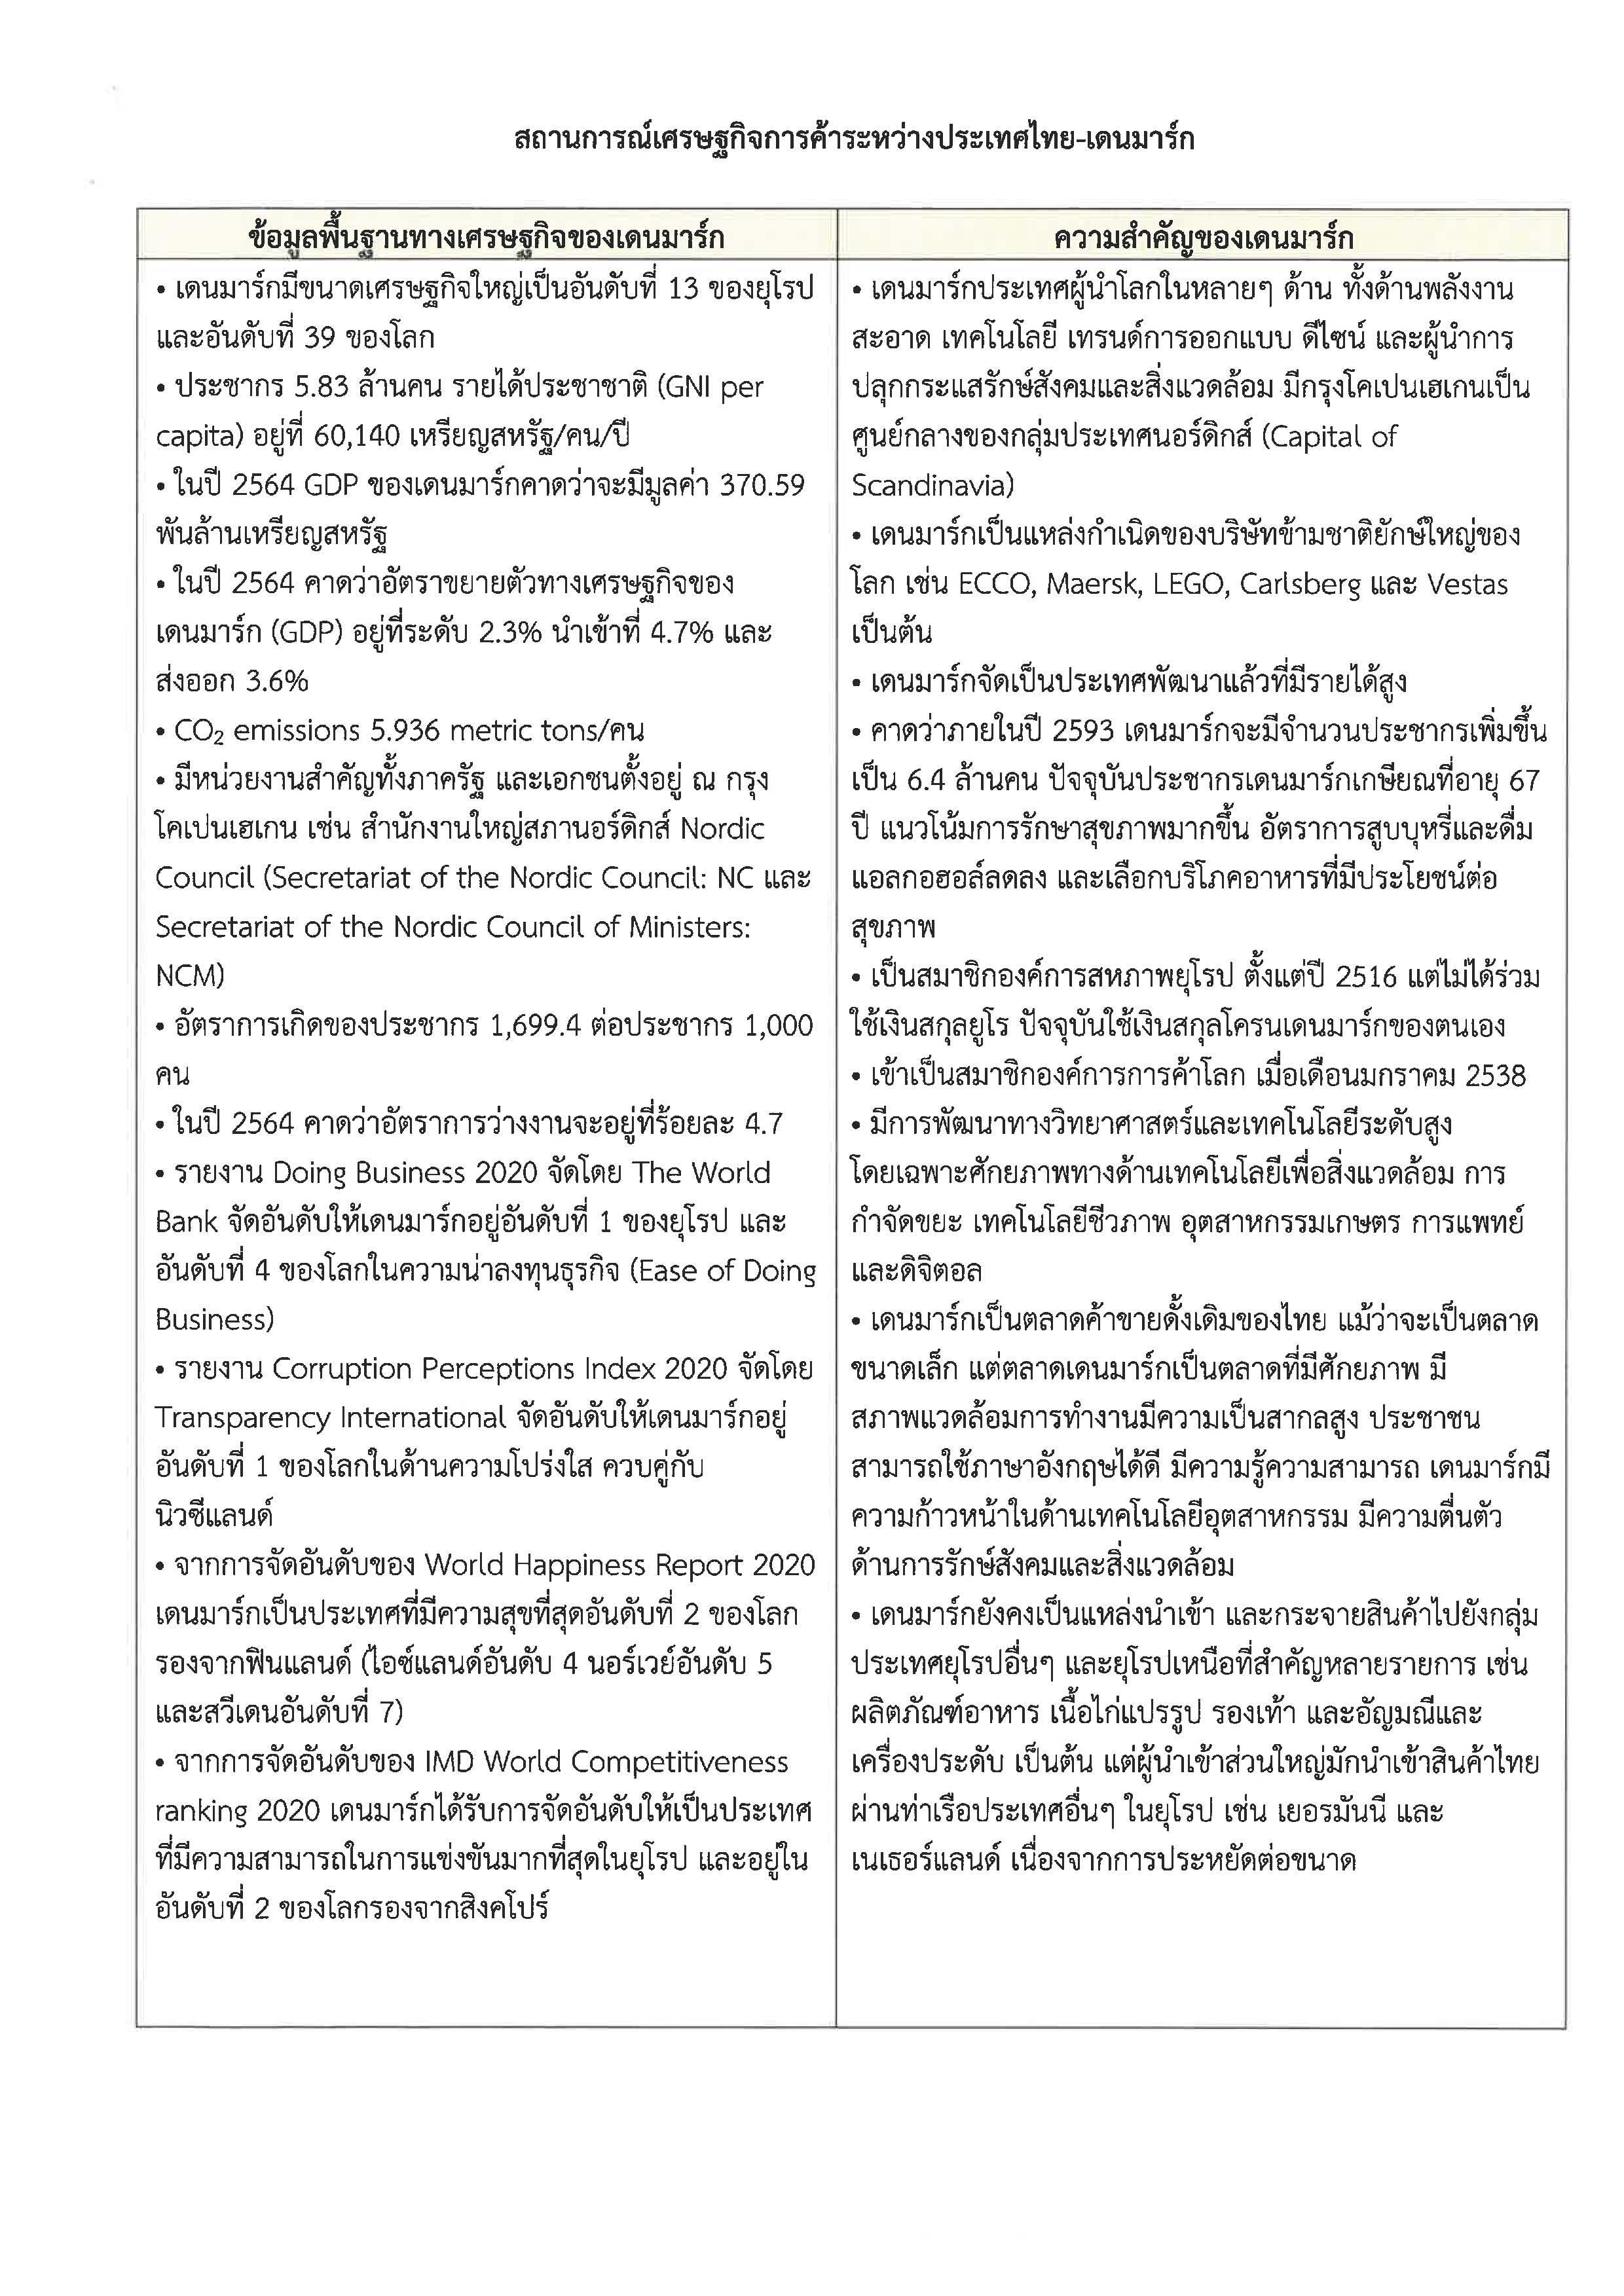 ข้อมูลเศรษฐกิจไทย-เดนมาร์ก_Page_1